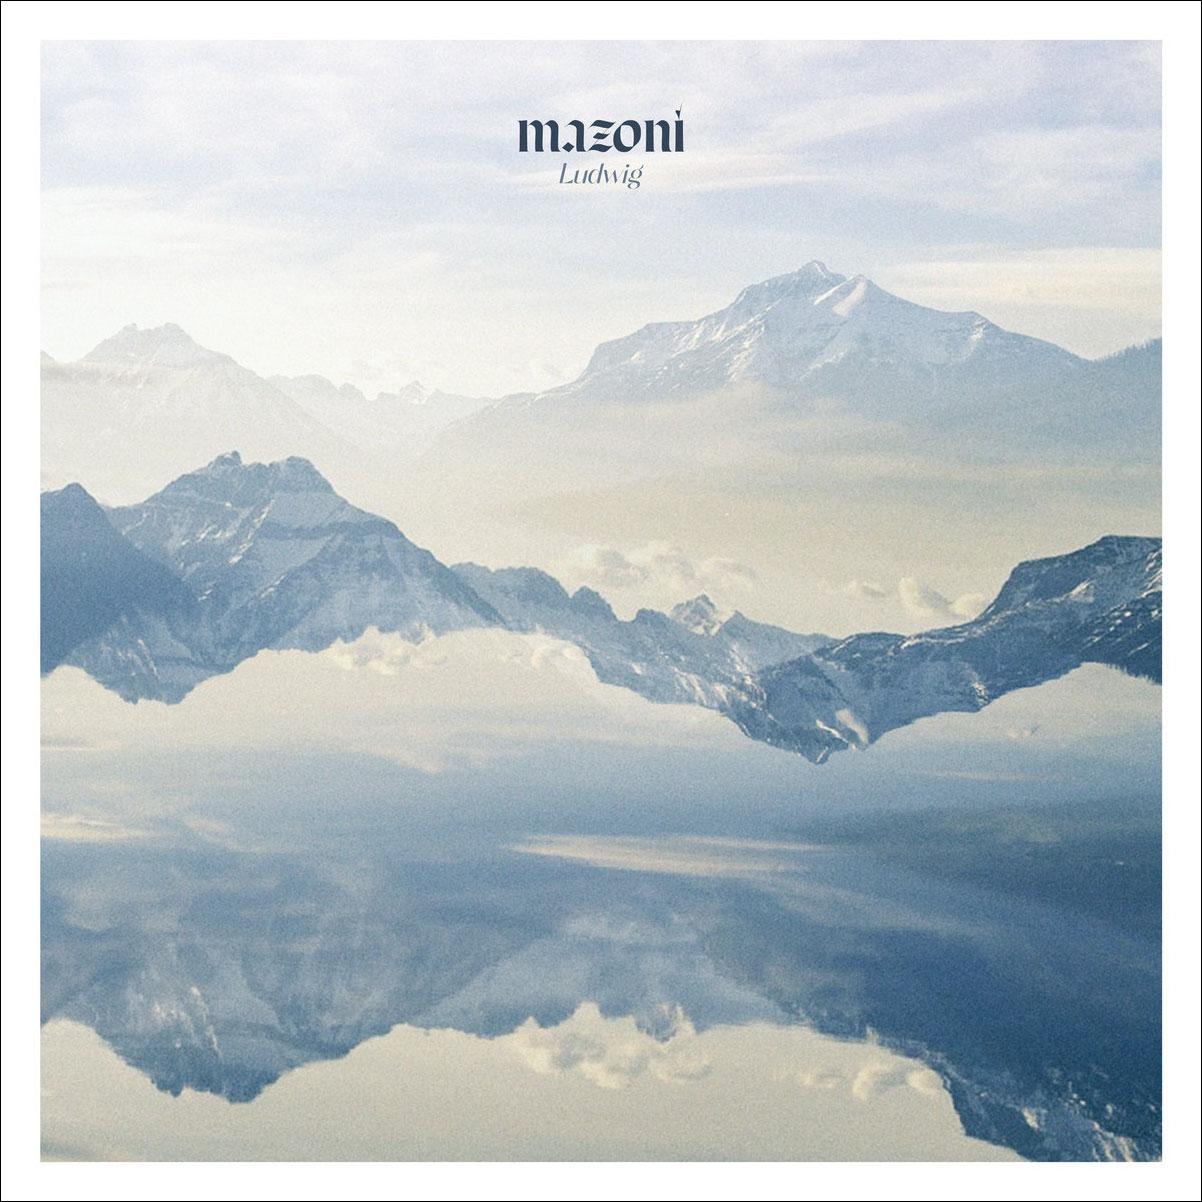 Portada de Ludwig, el nou disc de Mazoni.